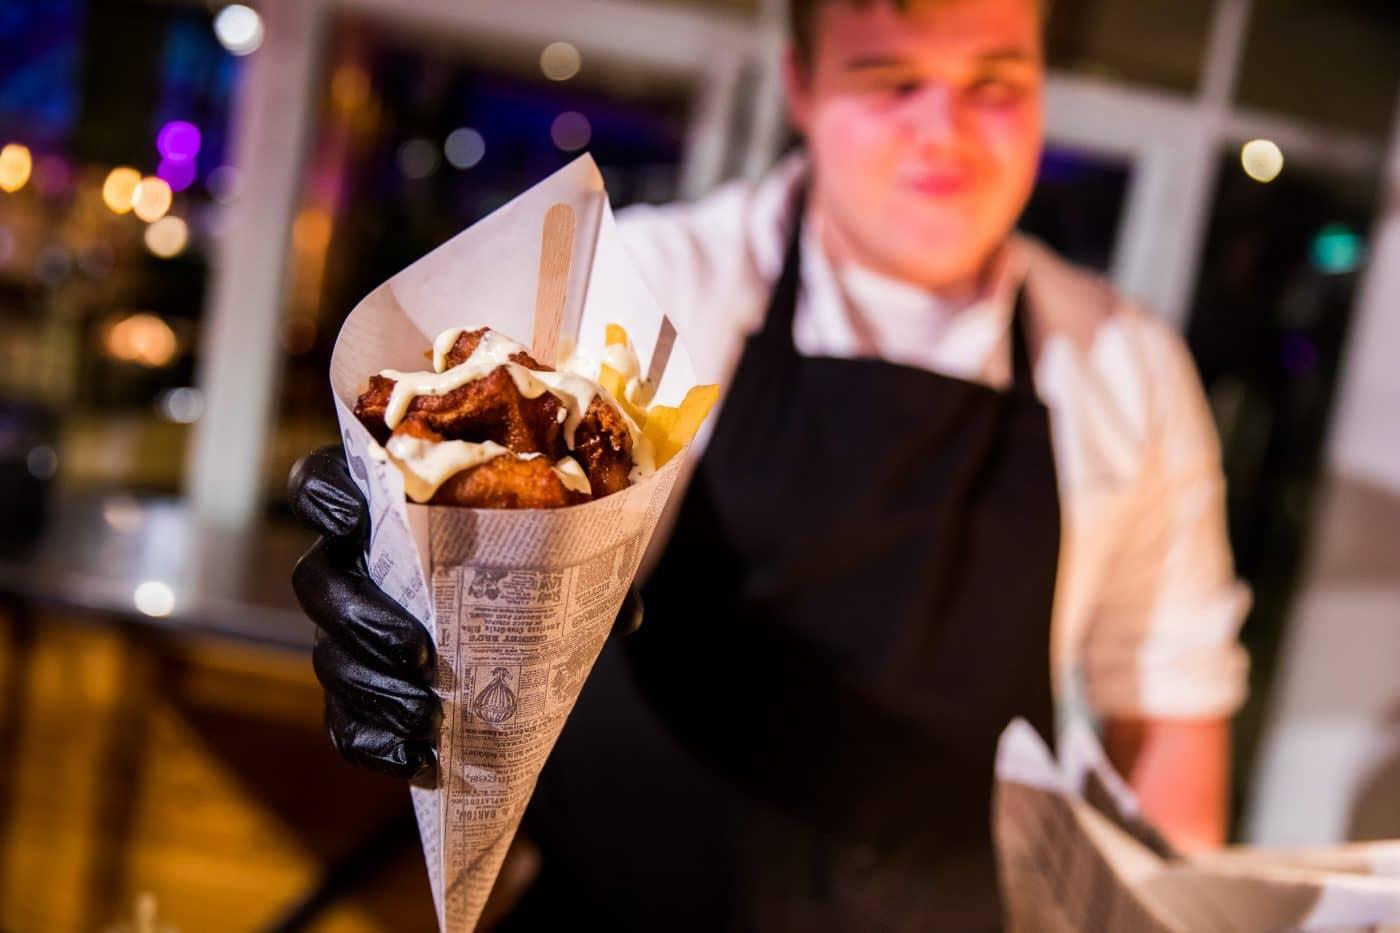 Catering puntzak Lidl bedrijfsfeest